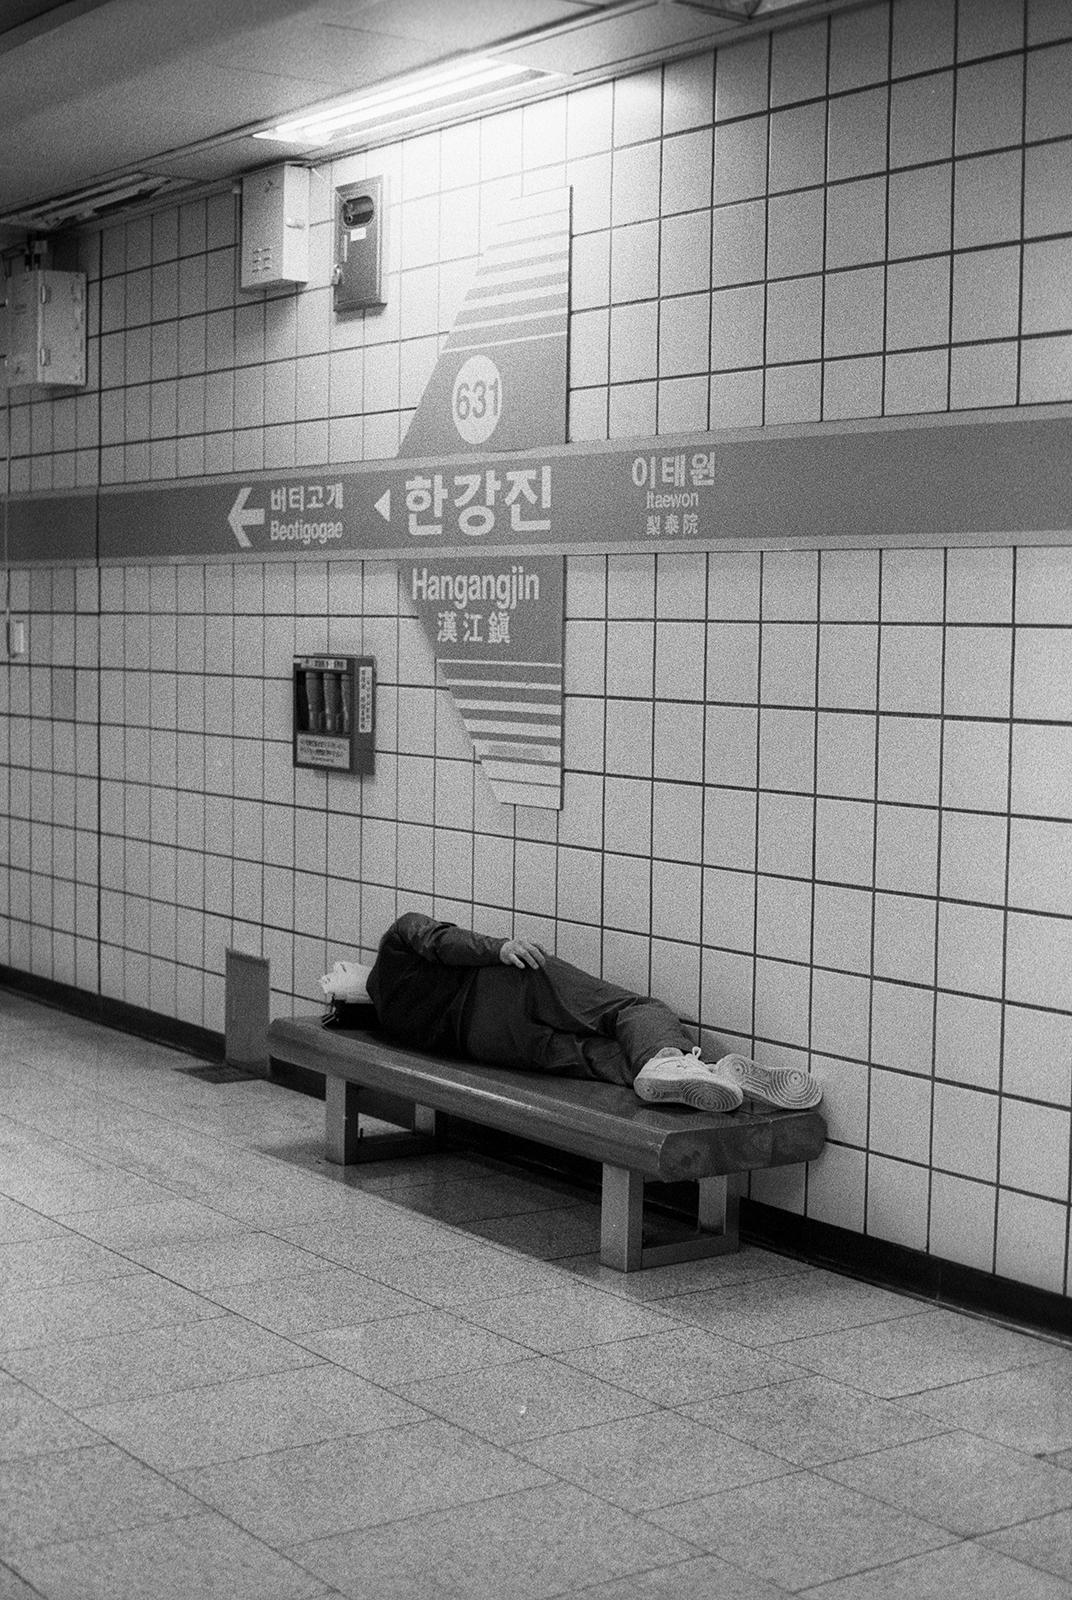 seoul, 2016